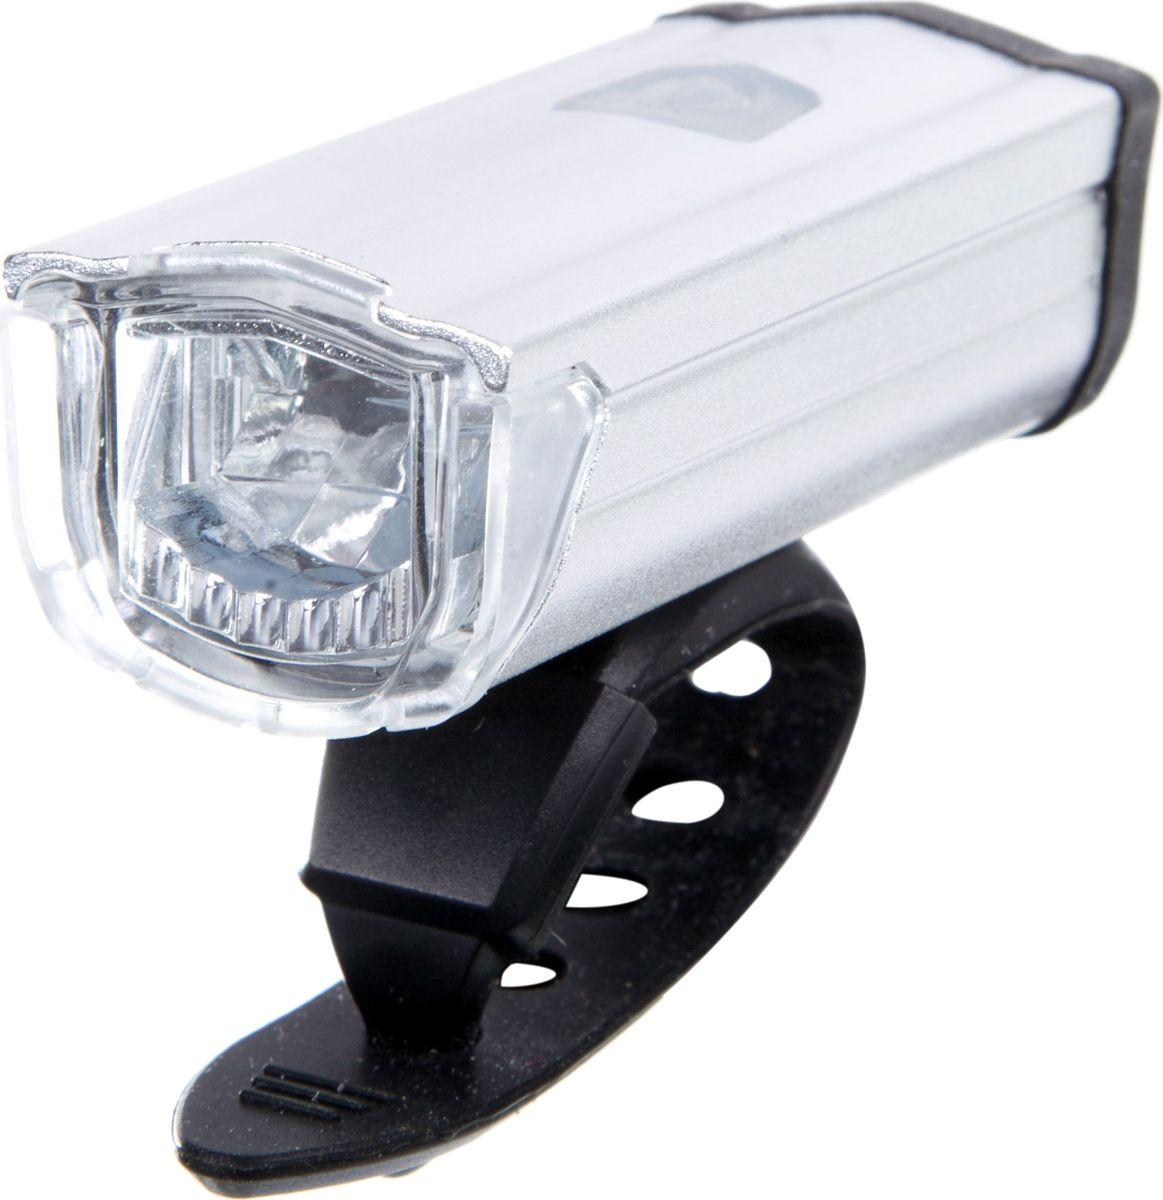 Фонарь велосипедный STG JY7040, передний, USB, 3.7V/550mAh, цвет: серебристыйMW-1462-01-SR серебристыйЛегкий и компактный передний фонарь в алюминиевом корпусе с USB зарядкой. Экономичное потребление энергии для долгой работы. Встроенный аккумулятор 3.7V/550mAh.